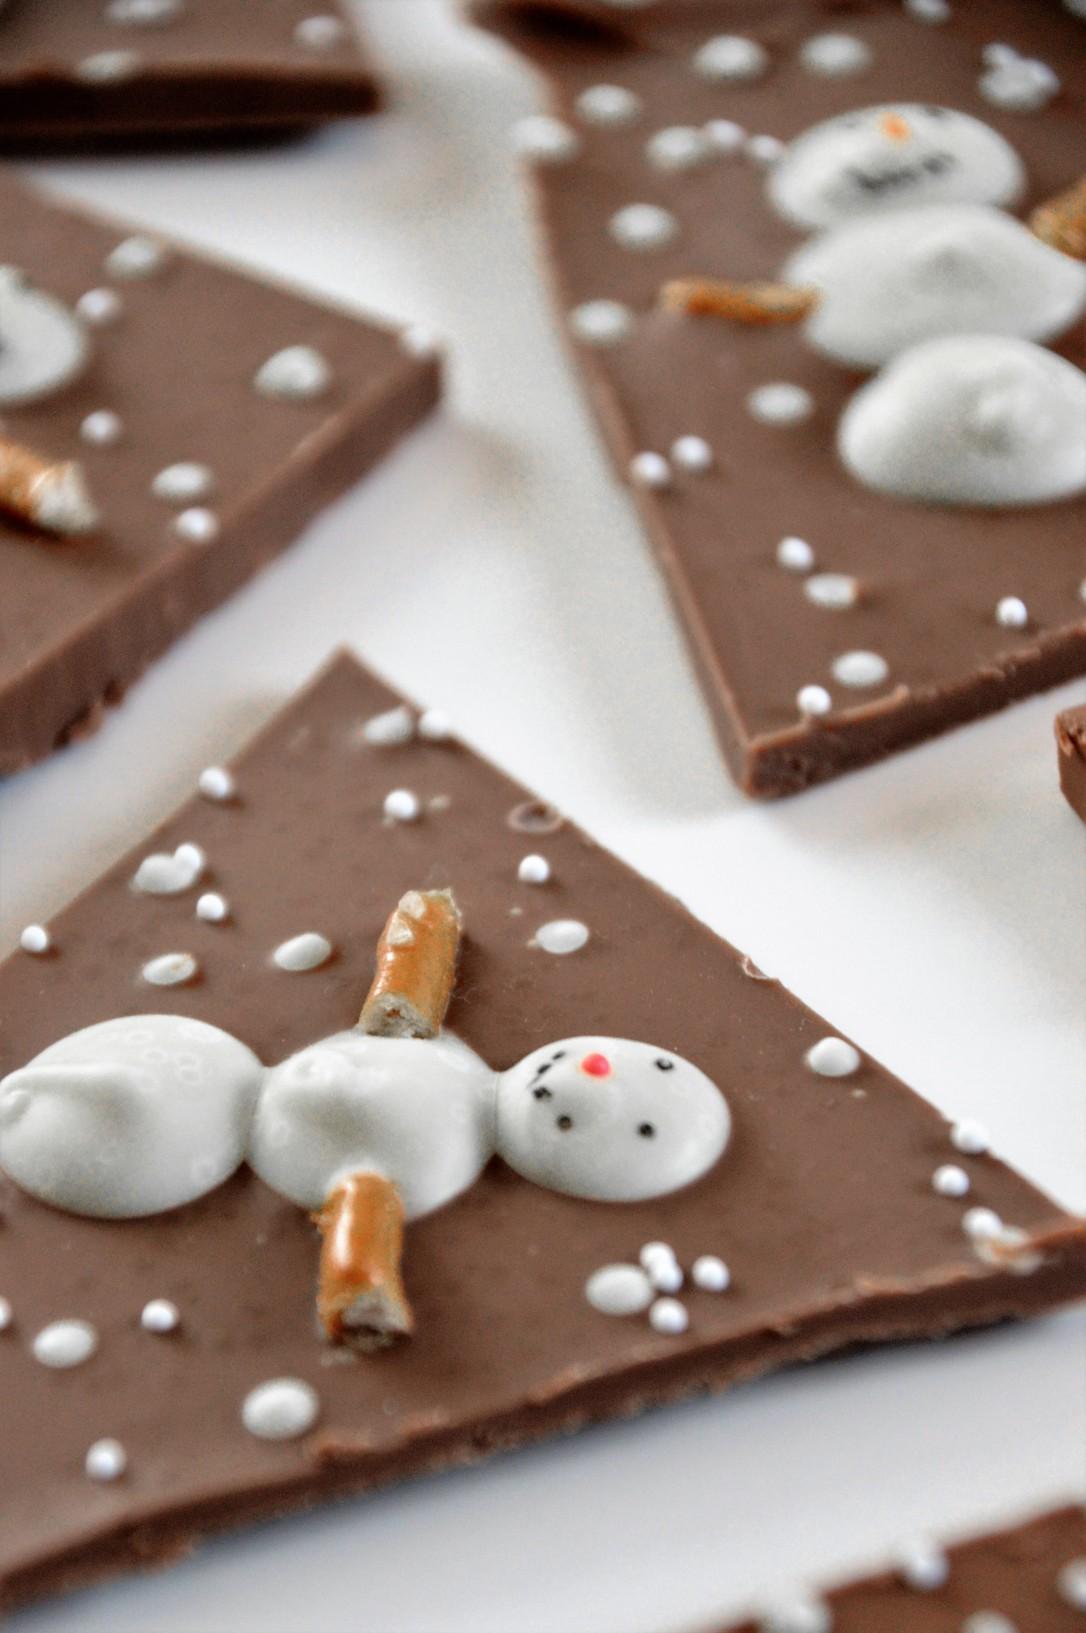 Schneemann-Schokolade